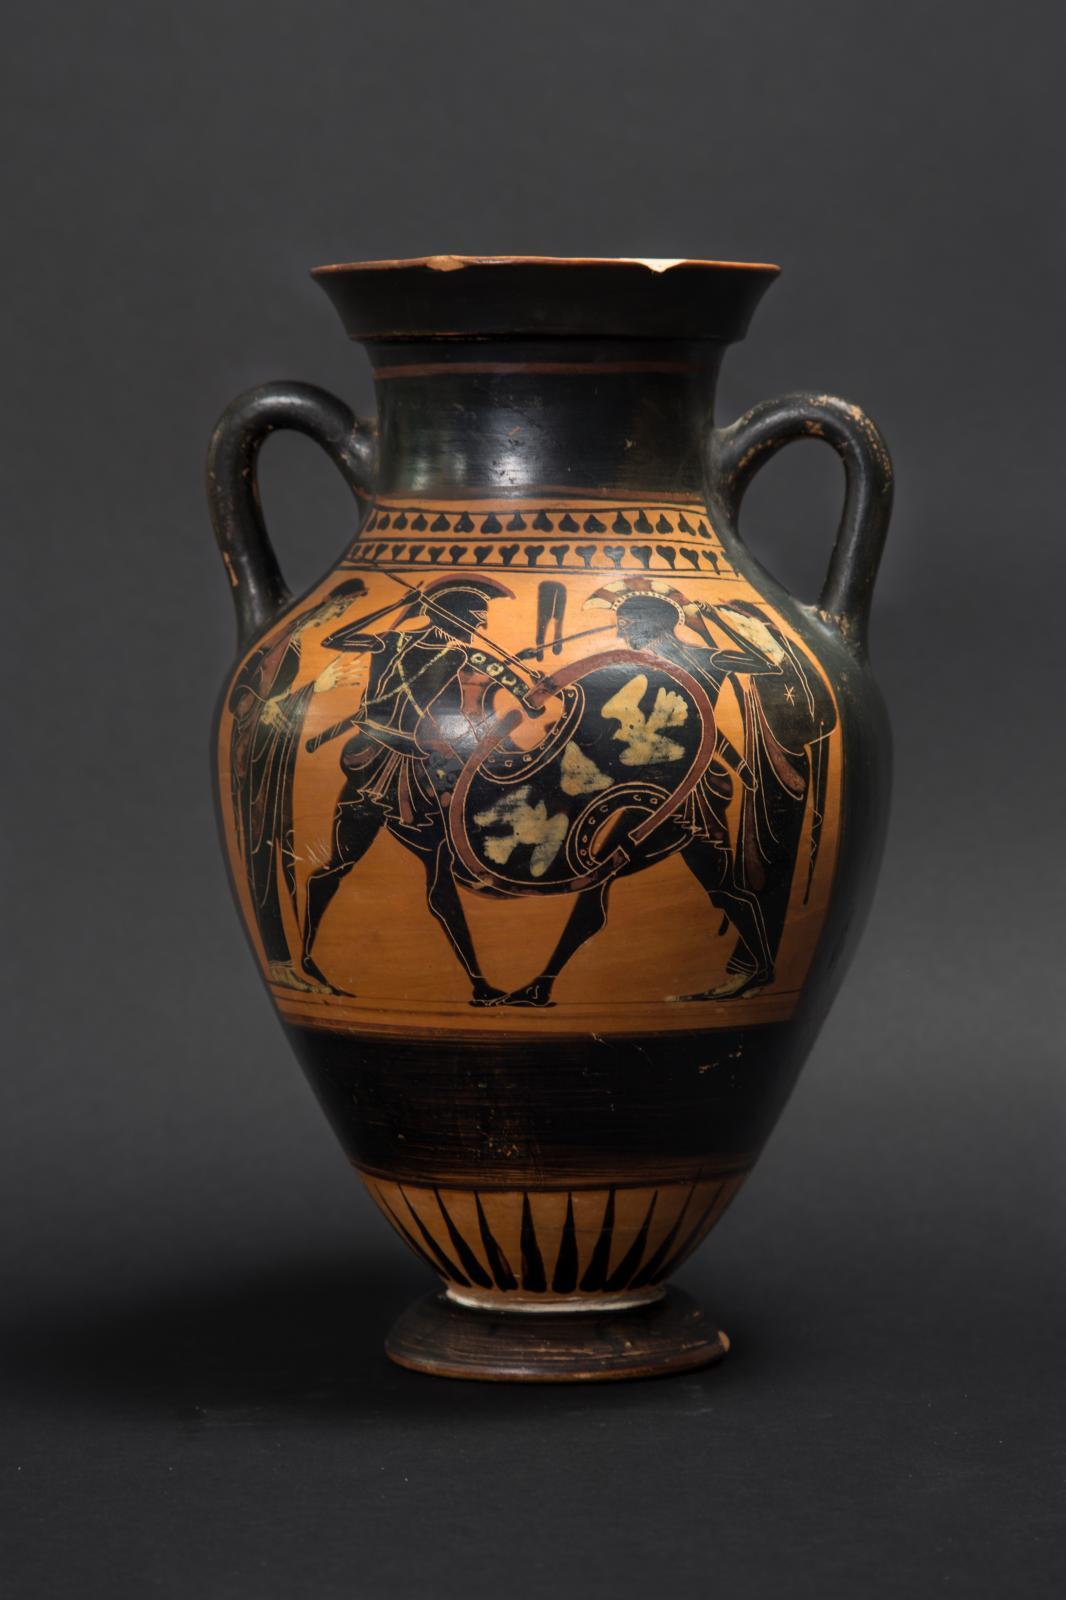 Grèce, vers 520av.J.-C. Amphore attique à figures noires, décorée d'un côté de la confrontation d'Achille et de Memnon, de l'autre d'un cavalier, te